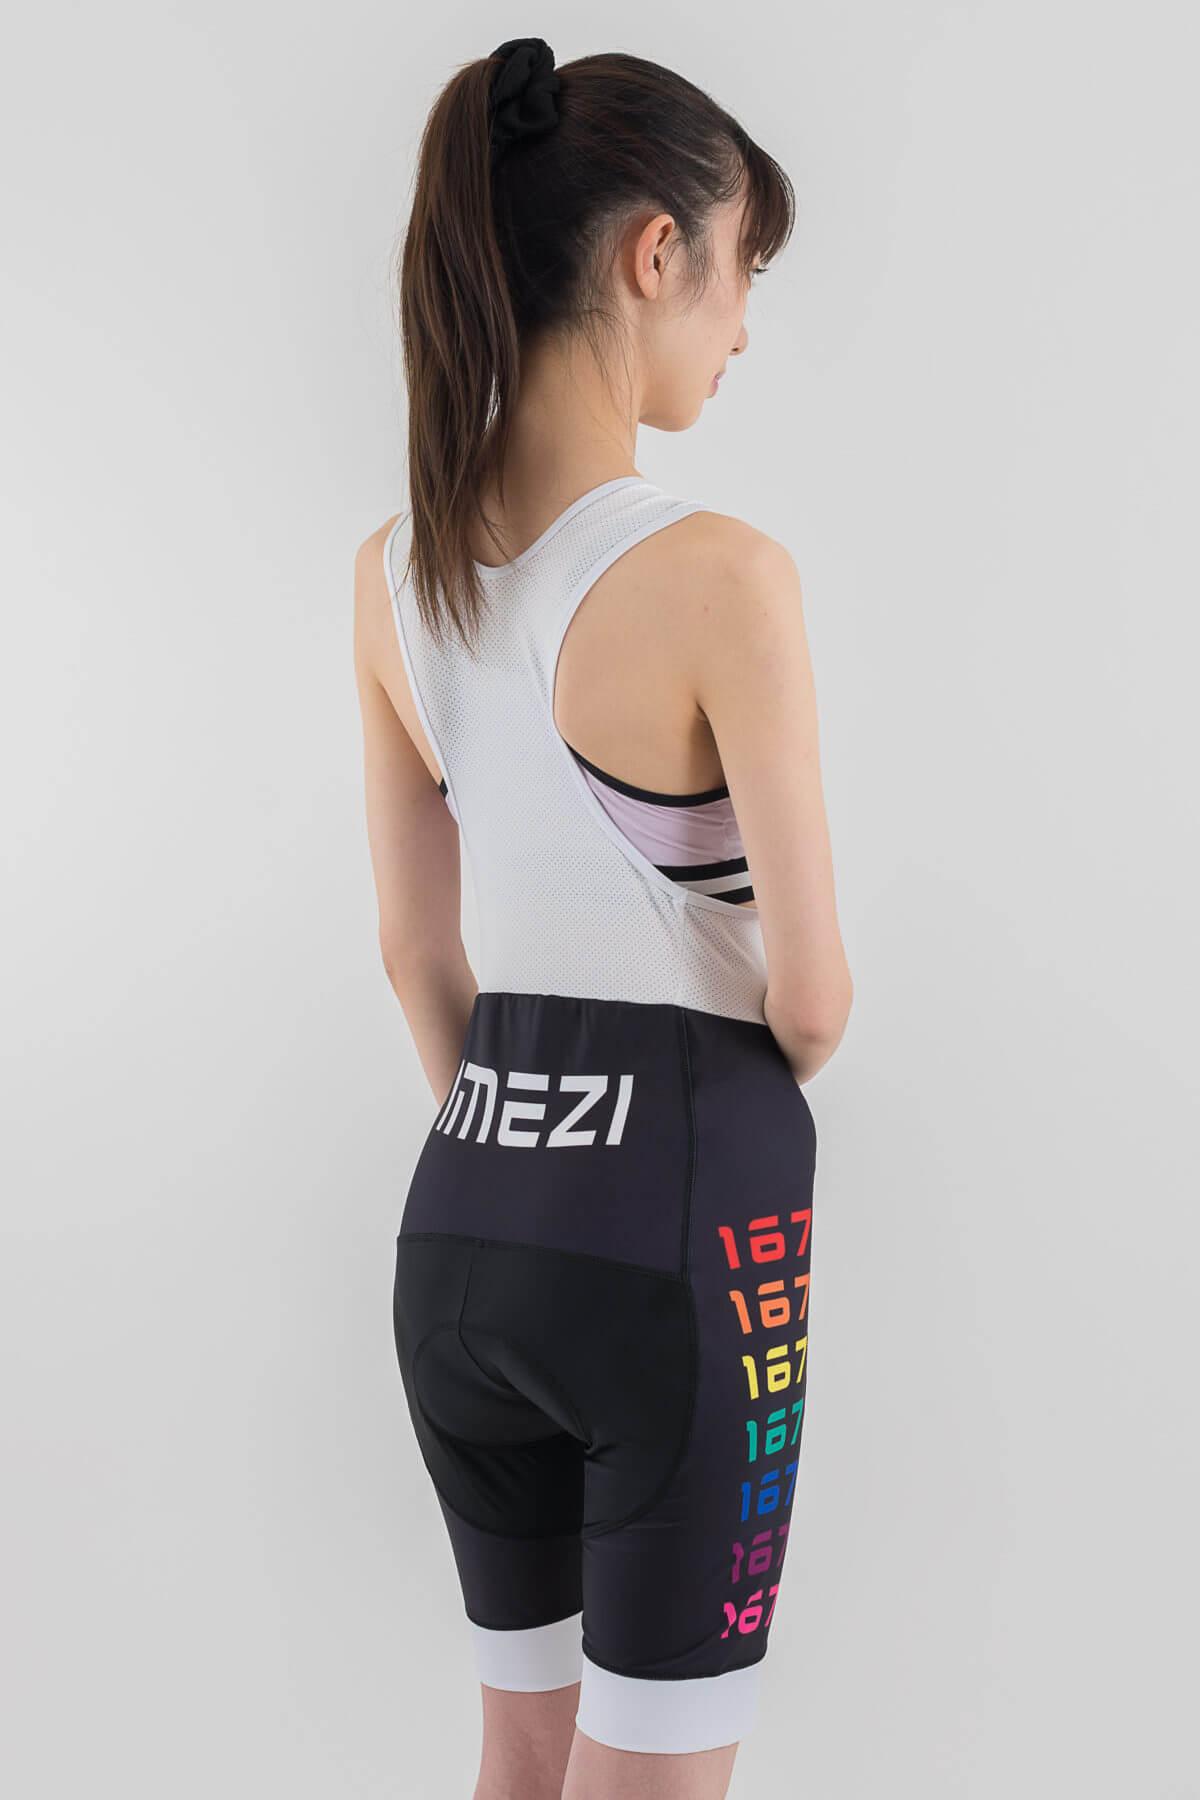 レディースサイクルウエア(imeZi)ビブショーツ右背面